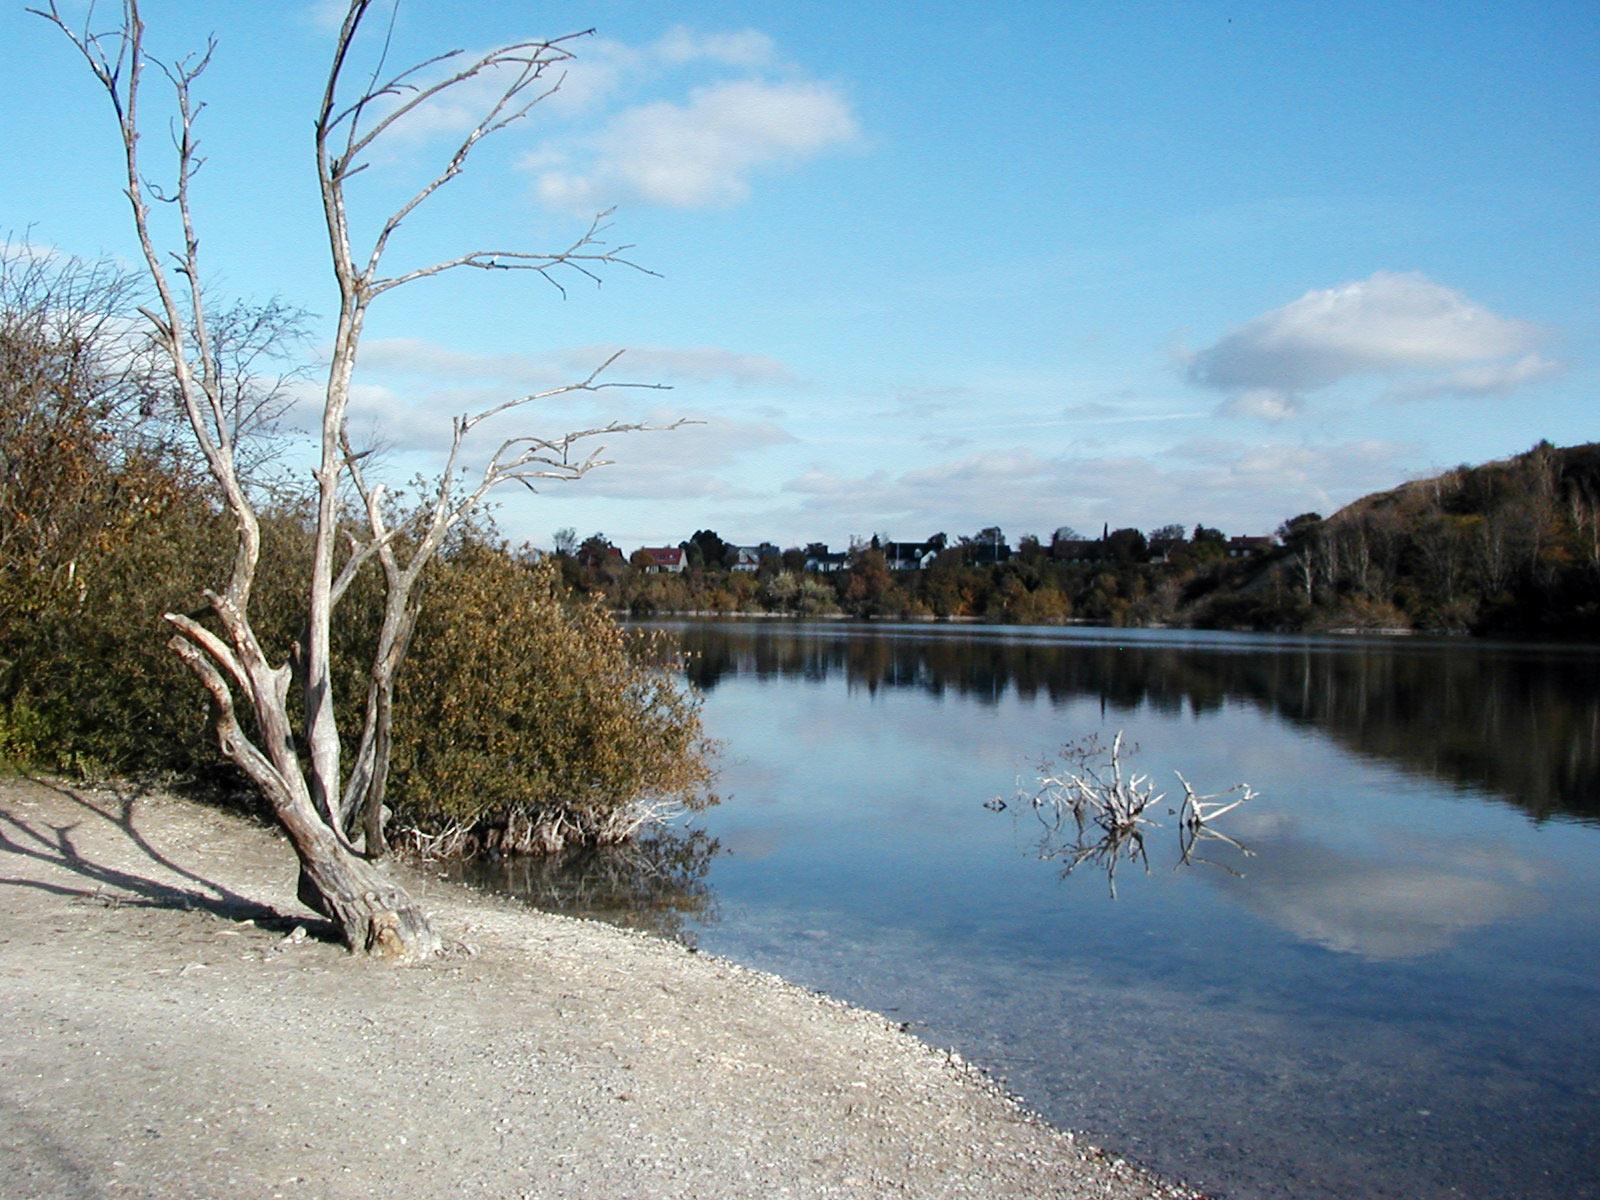 Dead tree by a lake, Beach, Dead, Houses, Lake, HQ Photo